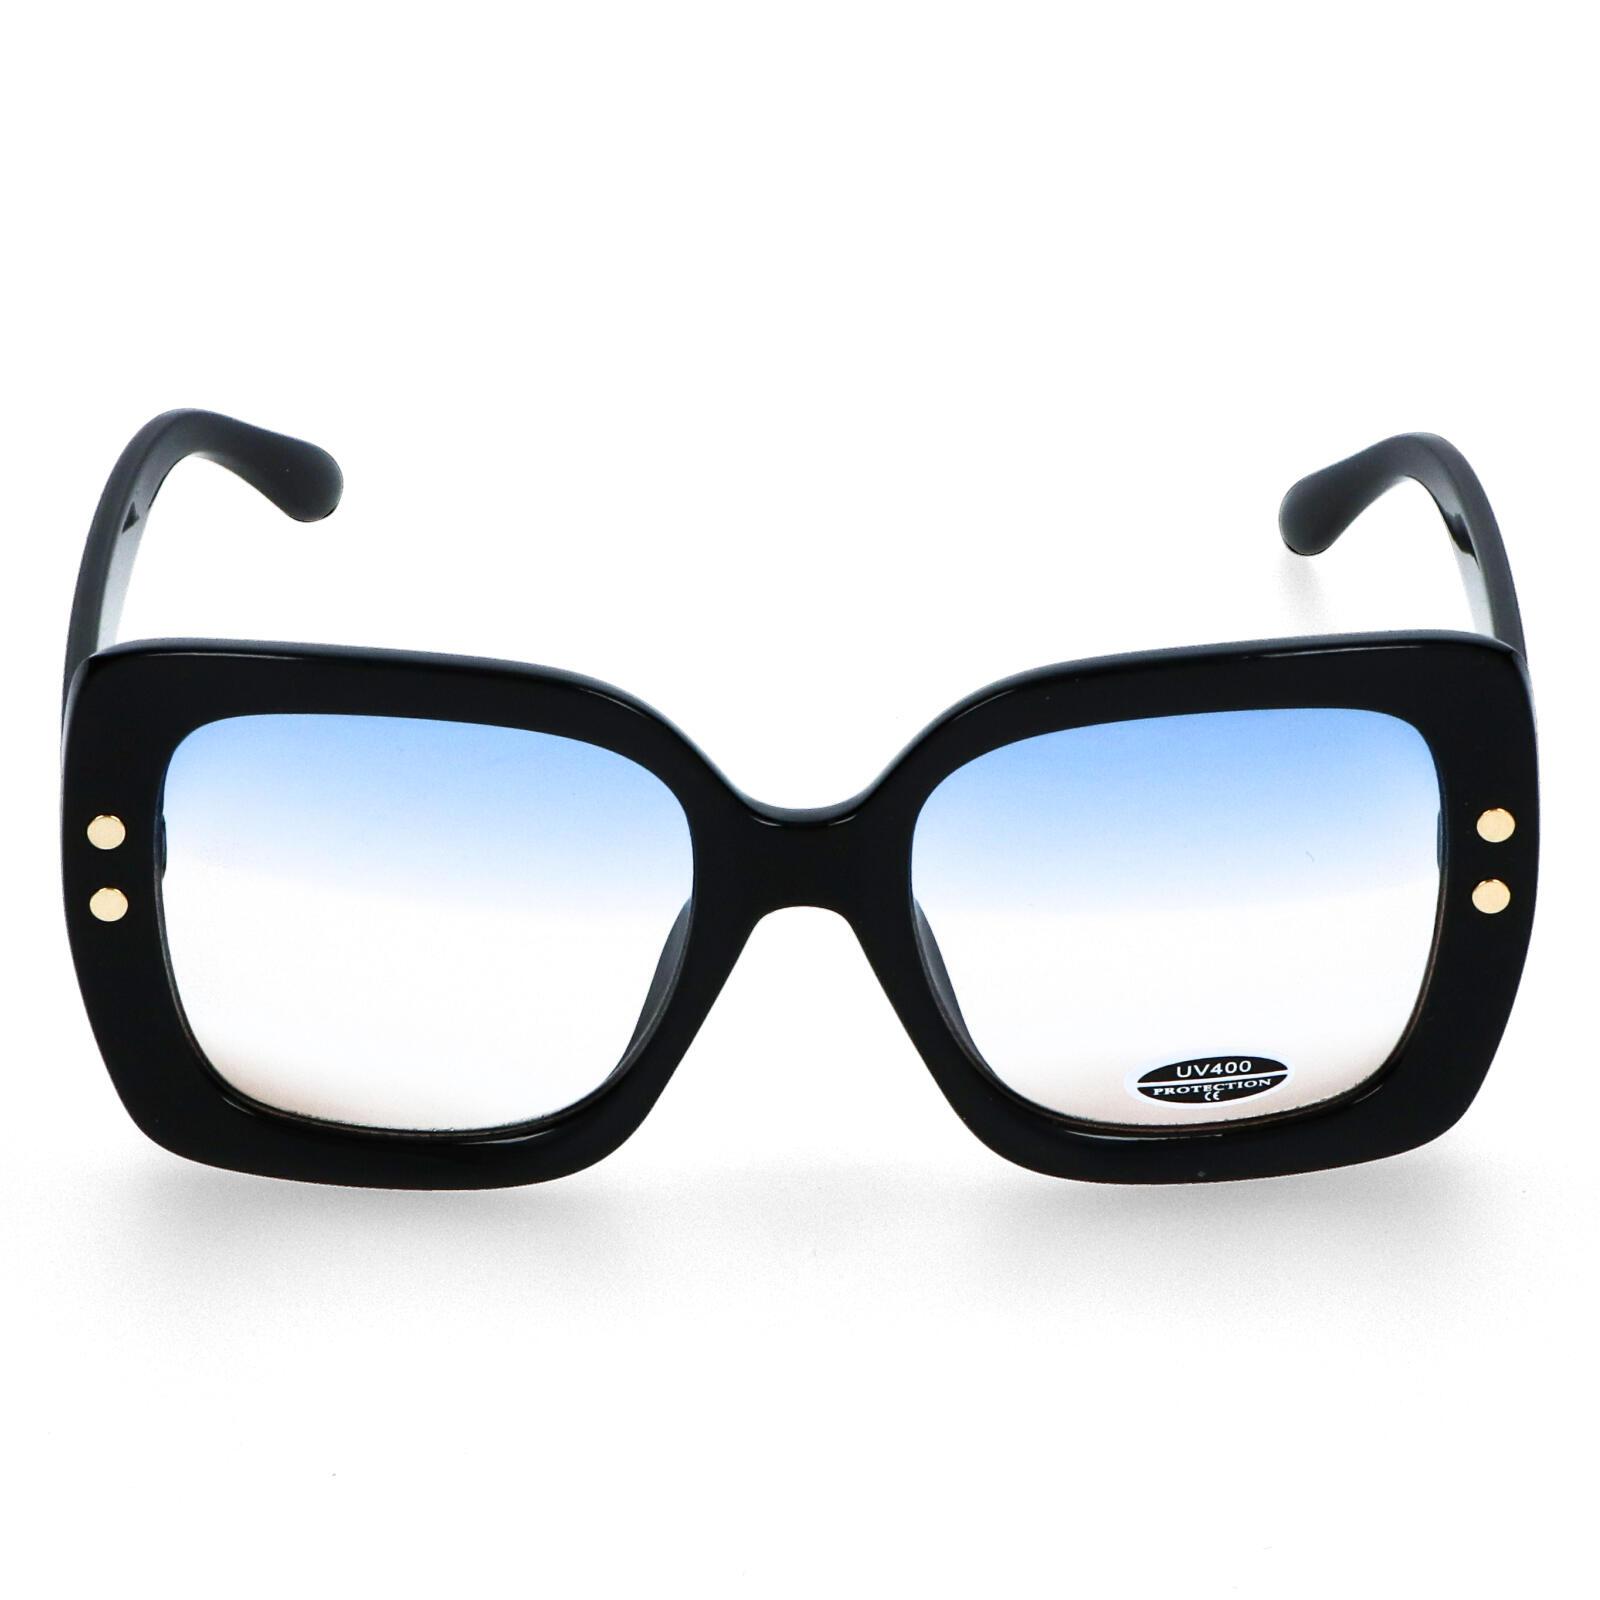 Dámské sluneční brýle černé - S1013